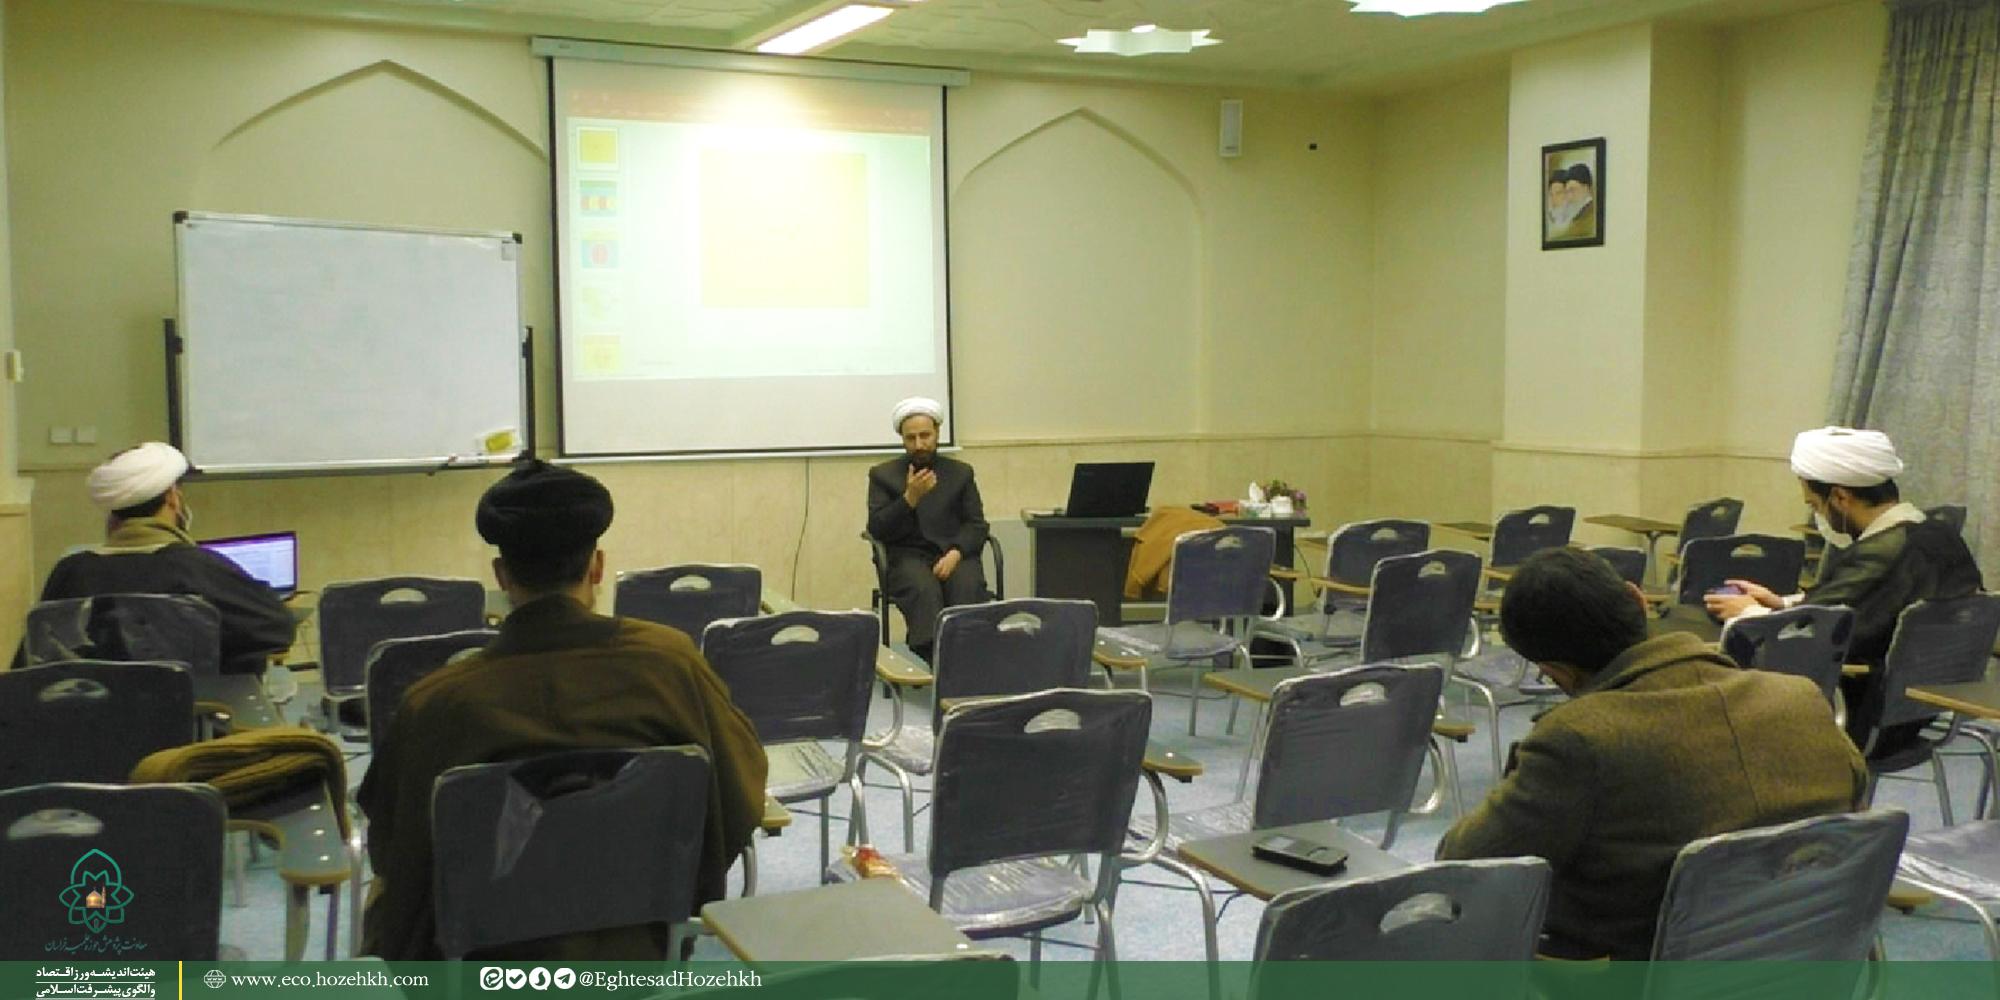 کلاس دکتر یزدانی دوره دوم پودمانی